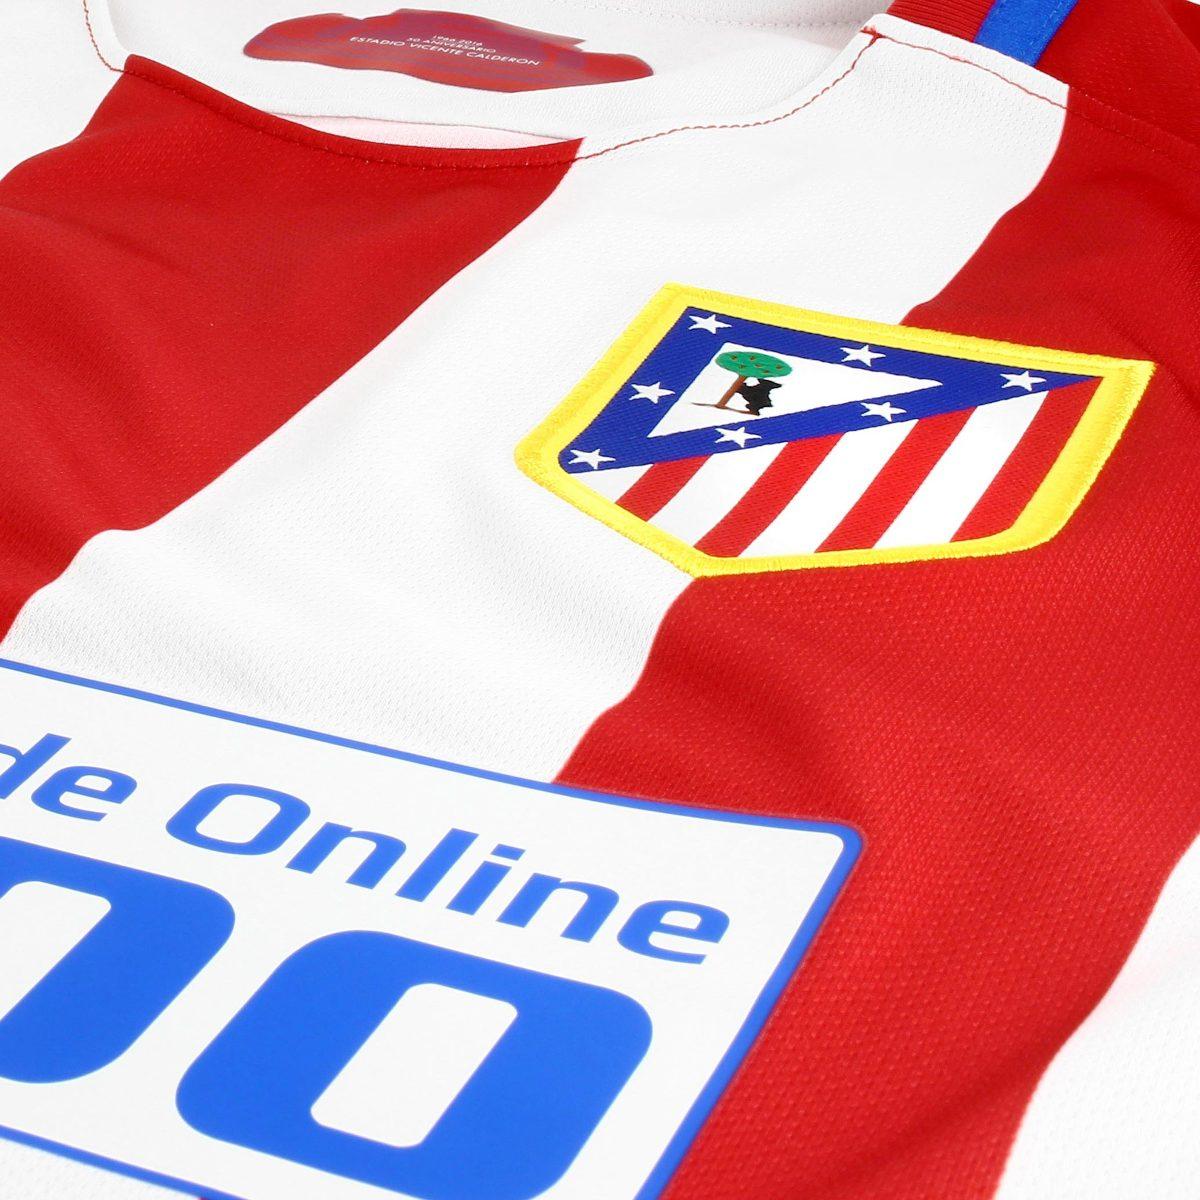 b474cbe0f9865 camiseta oficial atlético de madrid 2016 2017 nike + cupón. Cargando zoom.